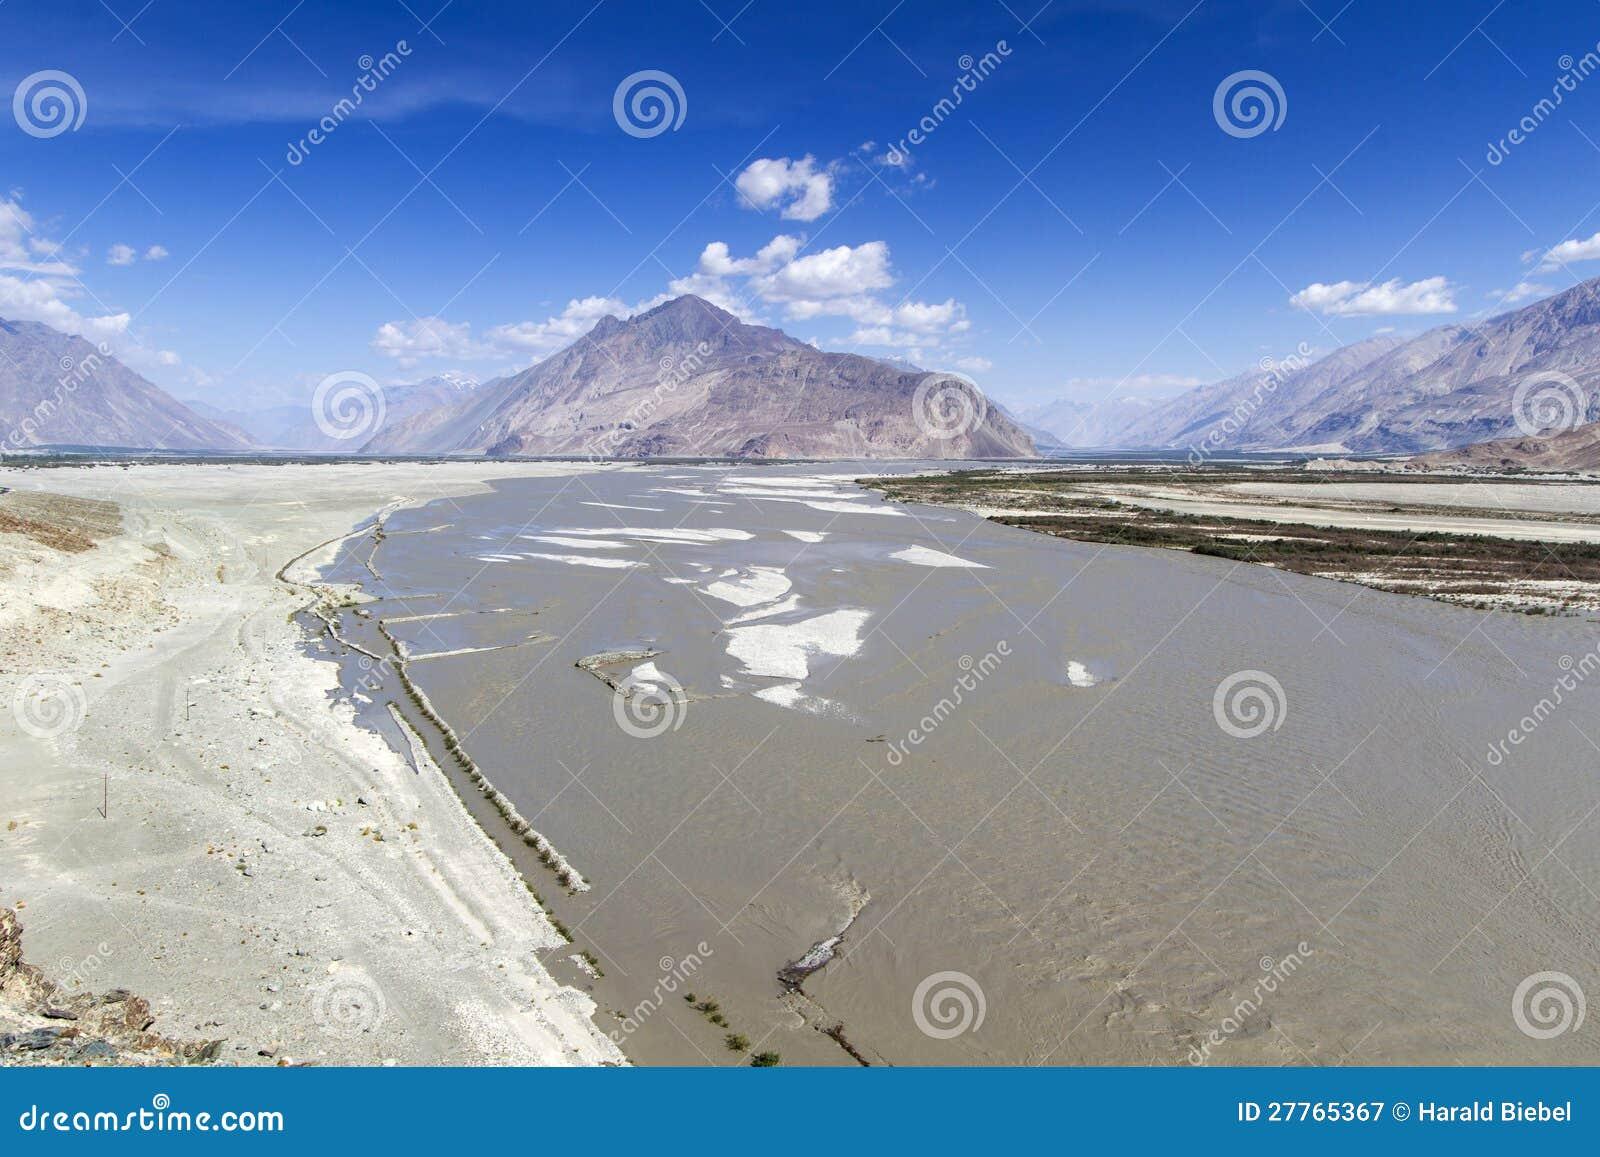 Le fleuve Shyoka dans les montagnes de Ladakh